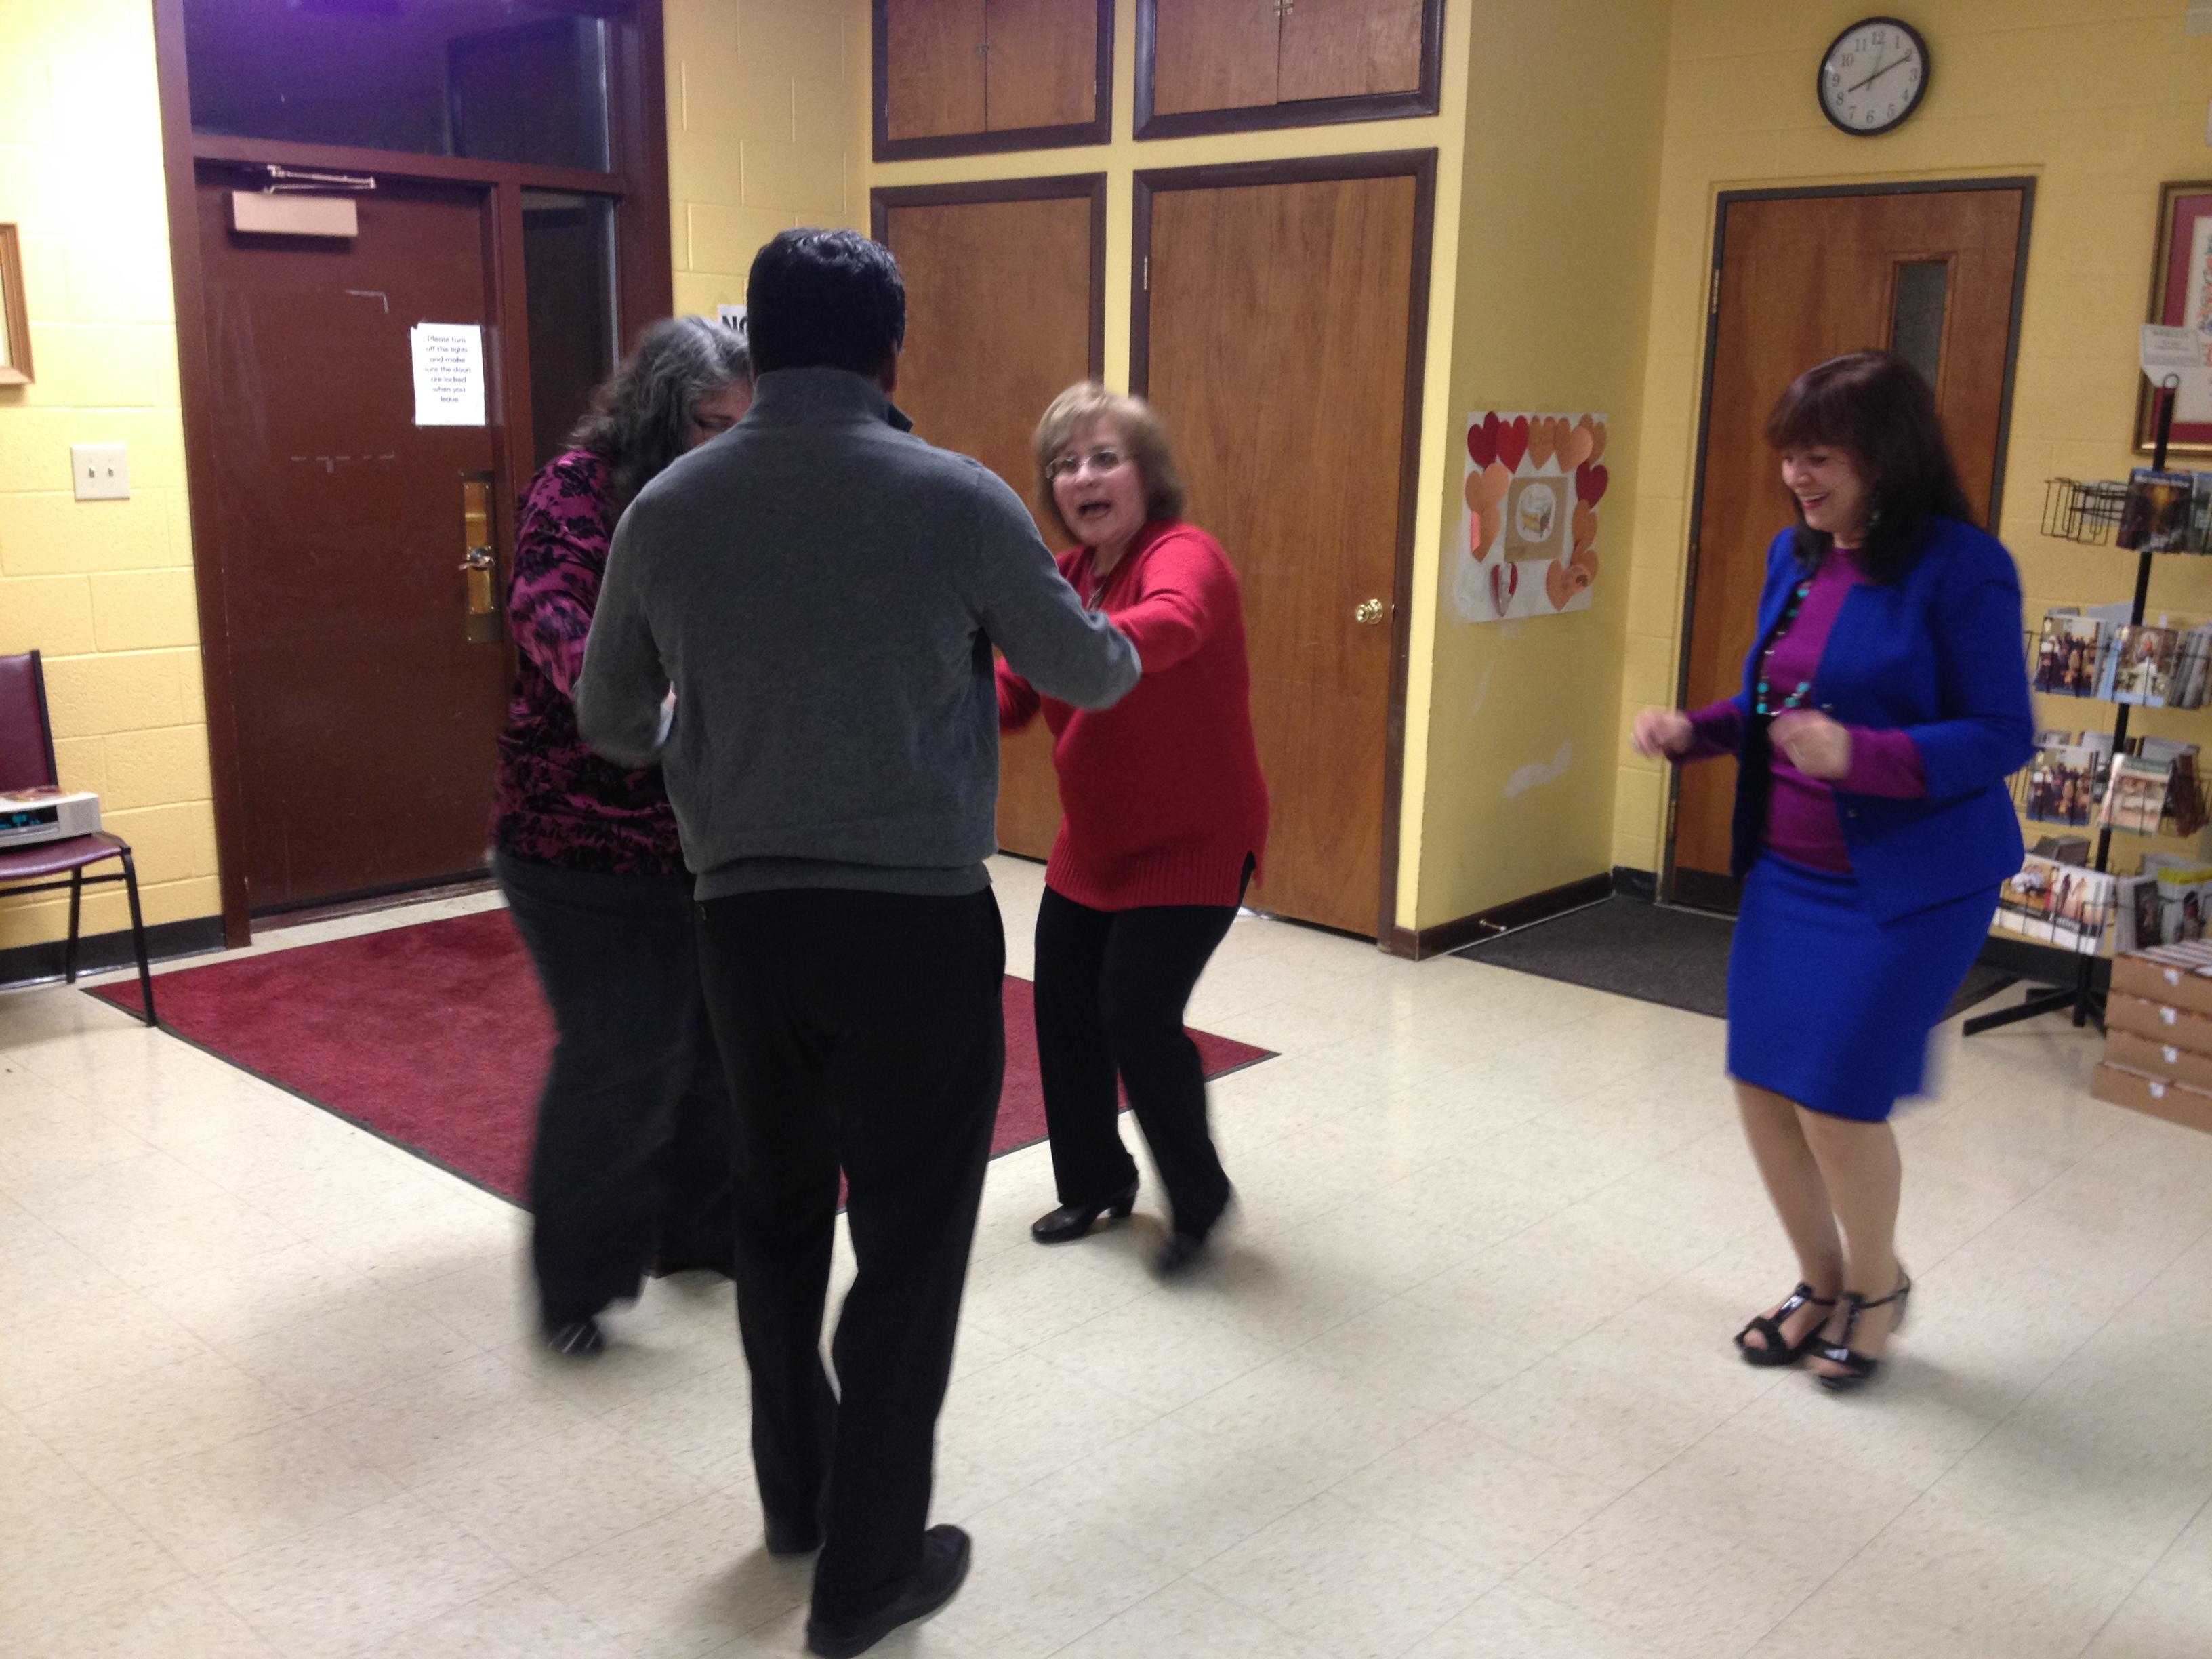 Fr Joseph Dancing at Sadie Hawkins dance